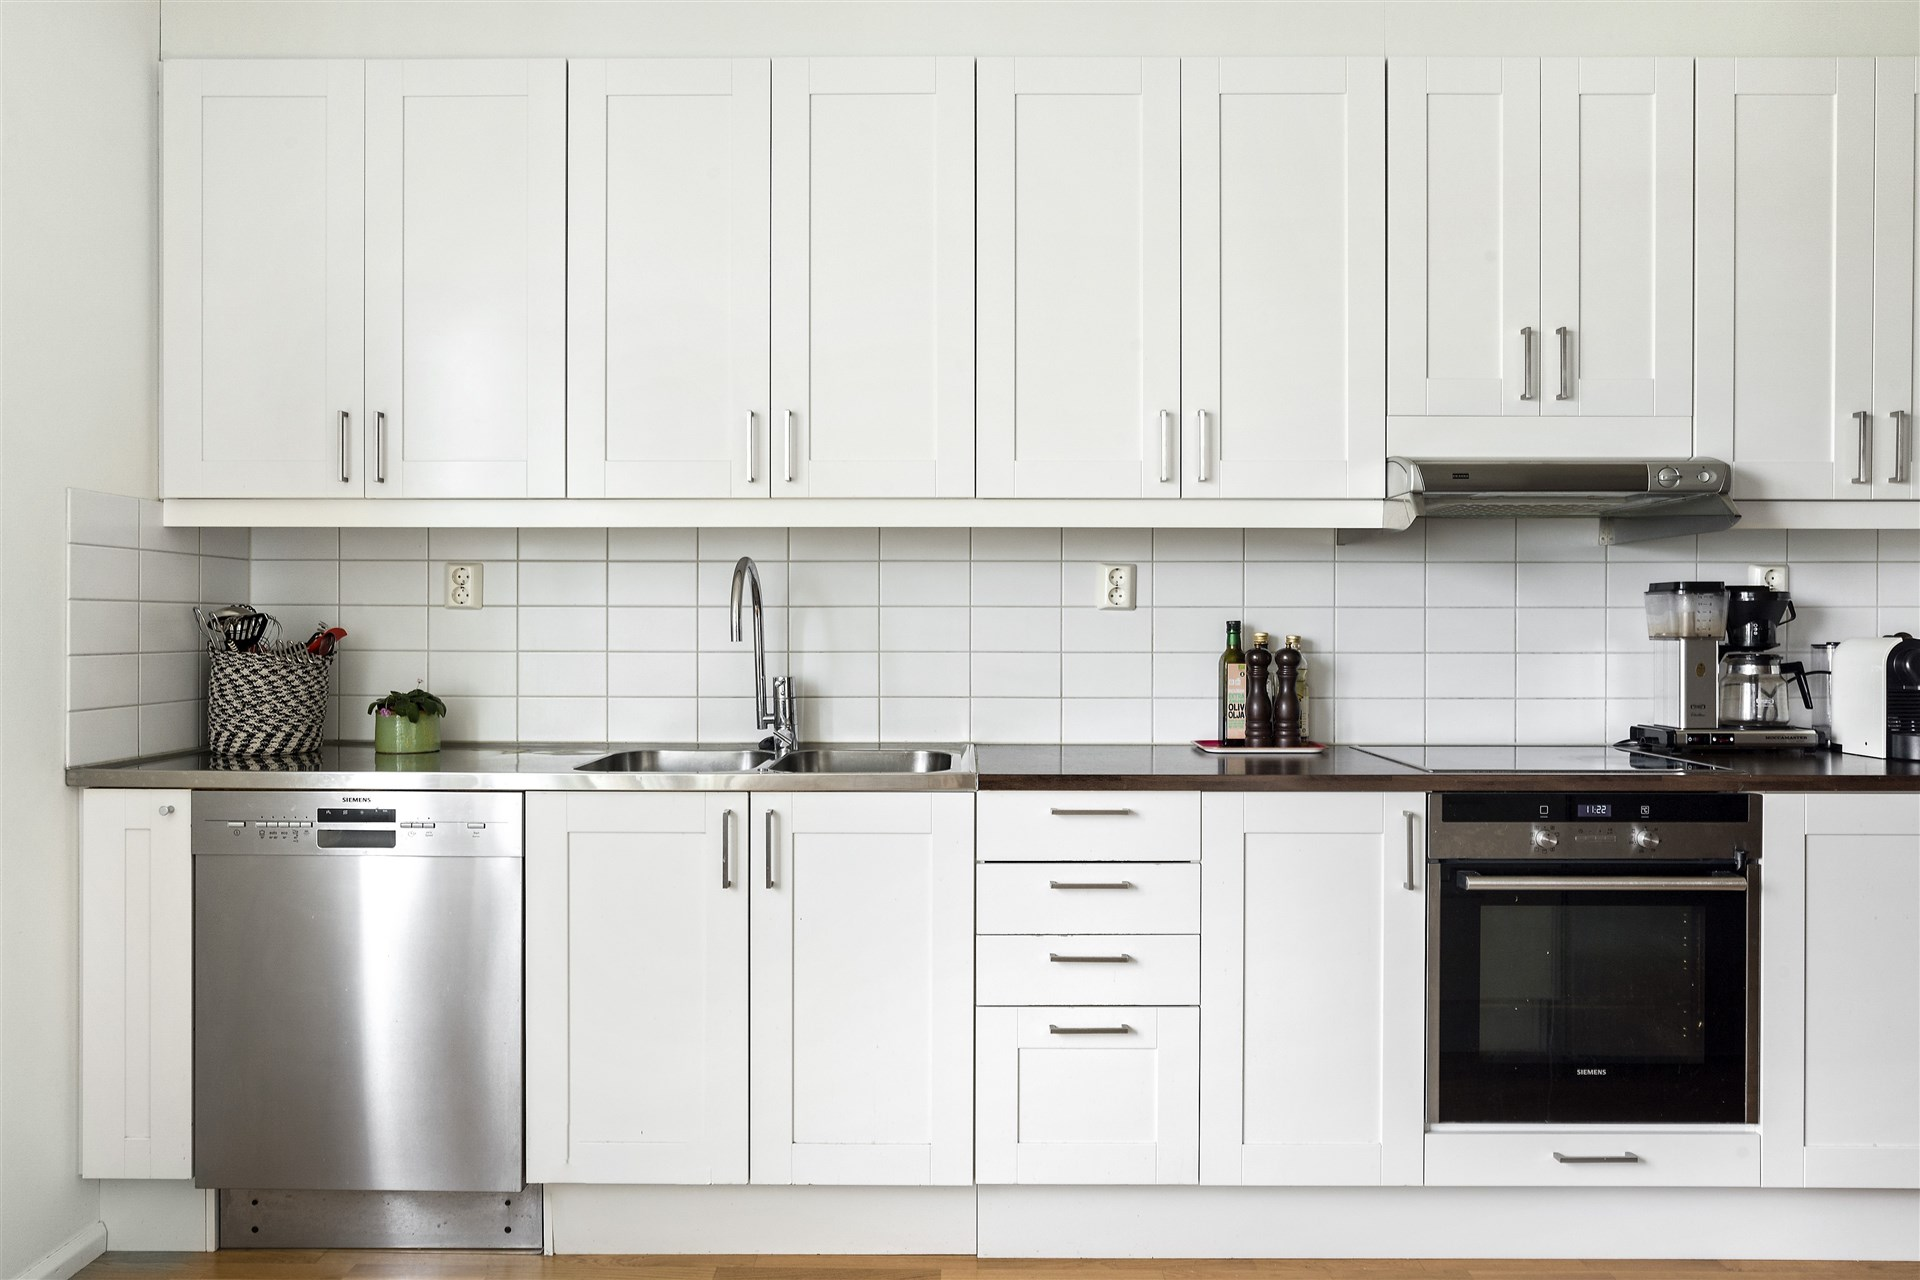 Köket erbjuder gott om förvaring och arbetsytor